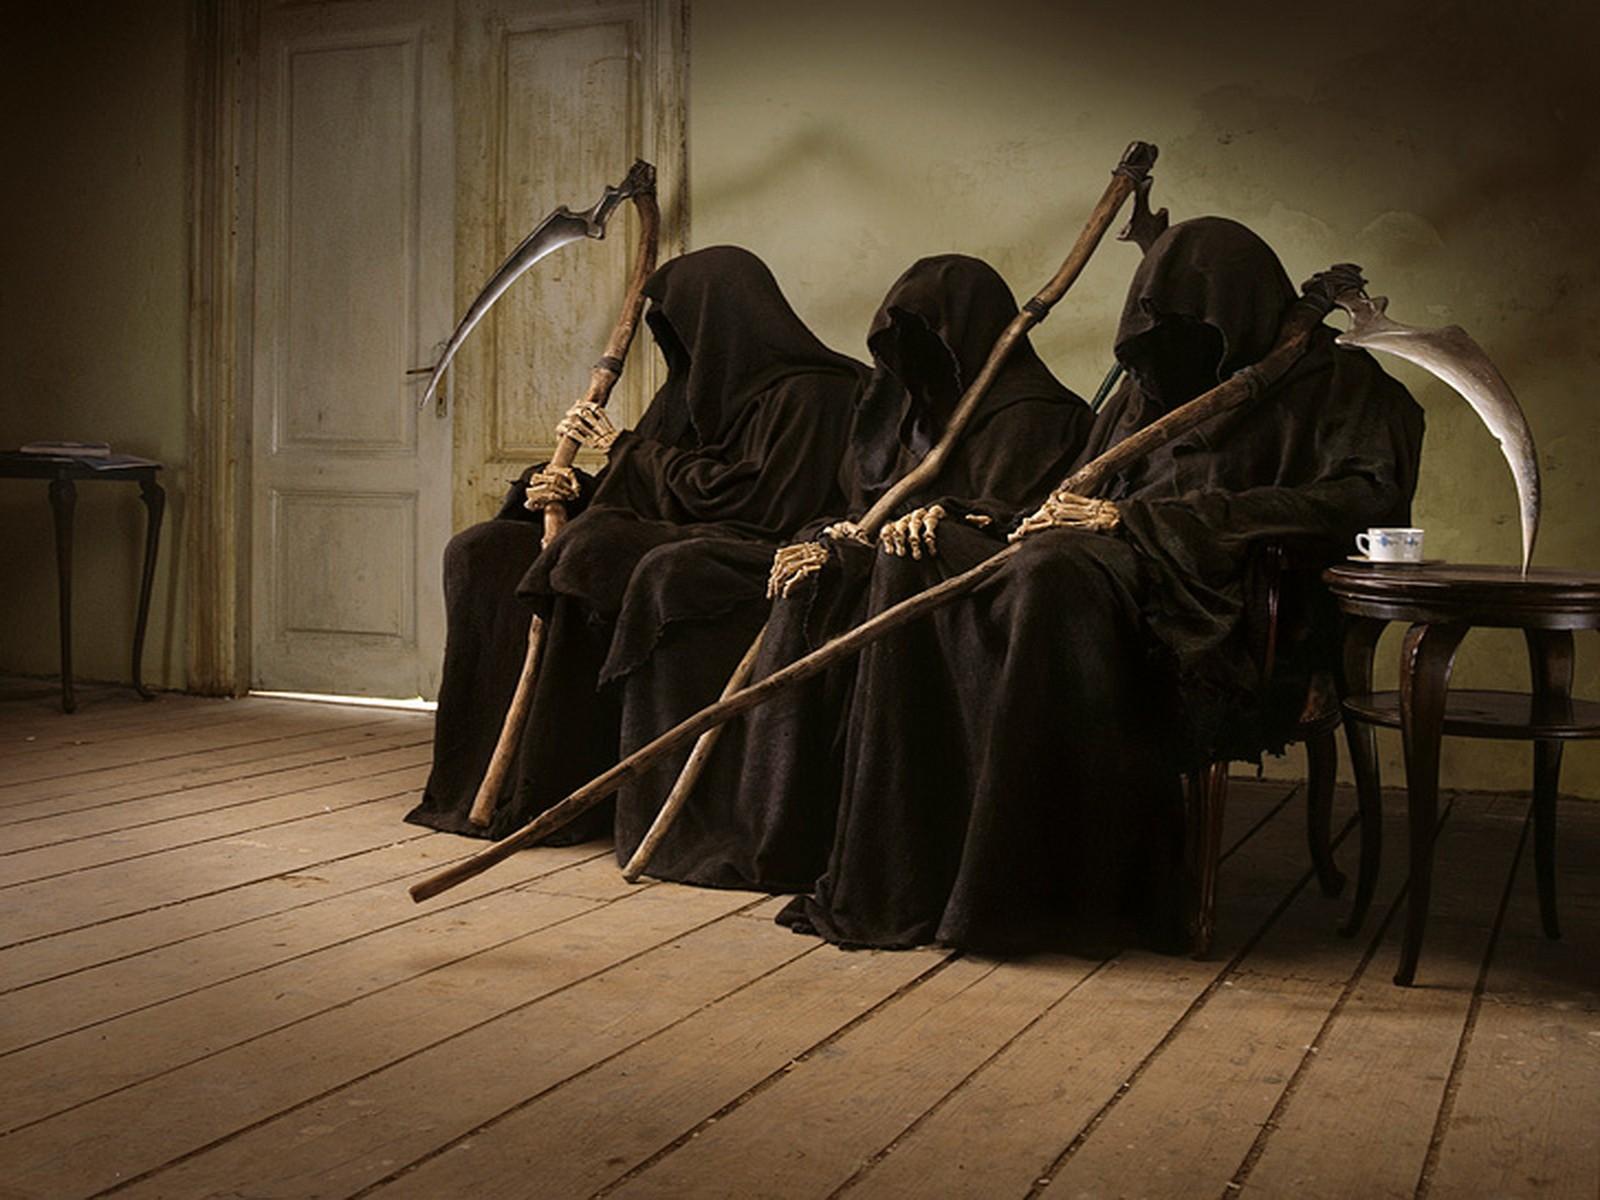 http://1.bp.blogspot.com/-58U_0H9H0bI/UI5dAQL-m-I/AAAAAAAADVI/WQhS8Geq-Ic/s1600/Grim-Reaper+Death+Logger.jpg